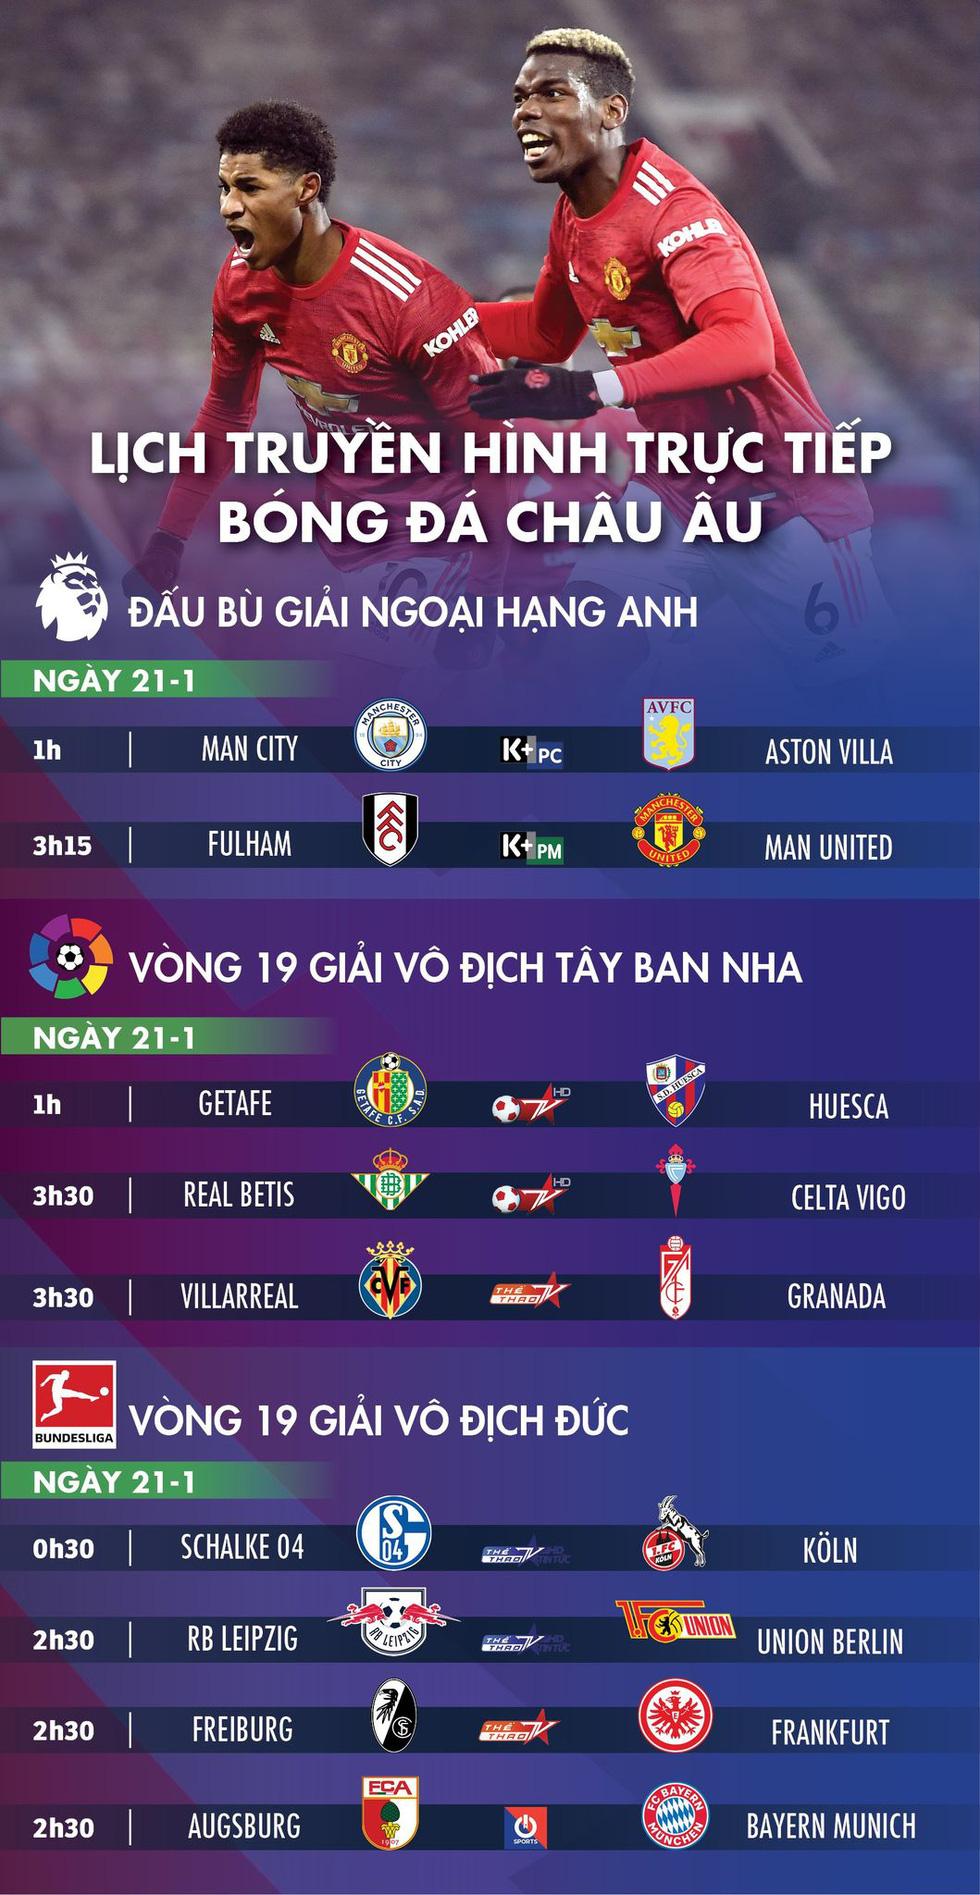 Lịch trực tiếp bóng đá châu Âu 21-1: Man City và Man United ra sân - Ảnh 1.